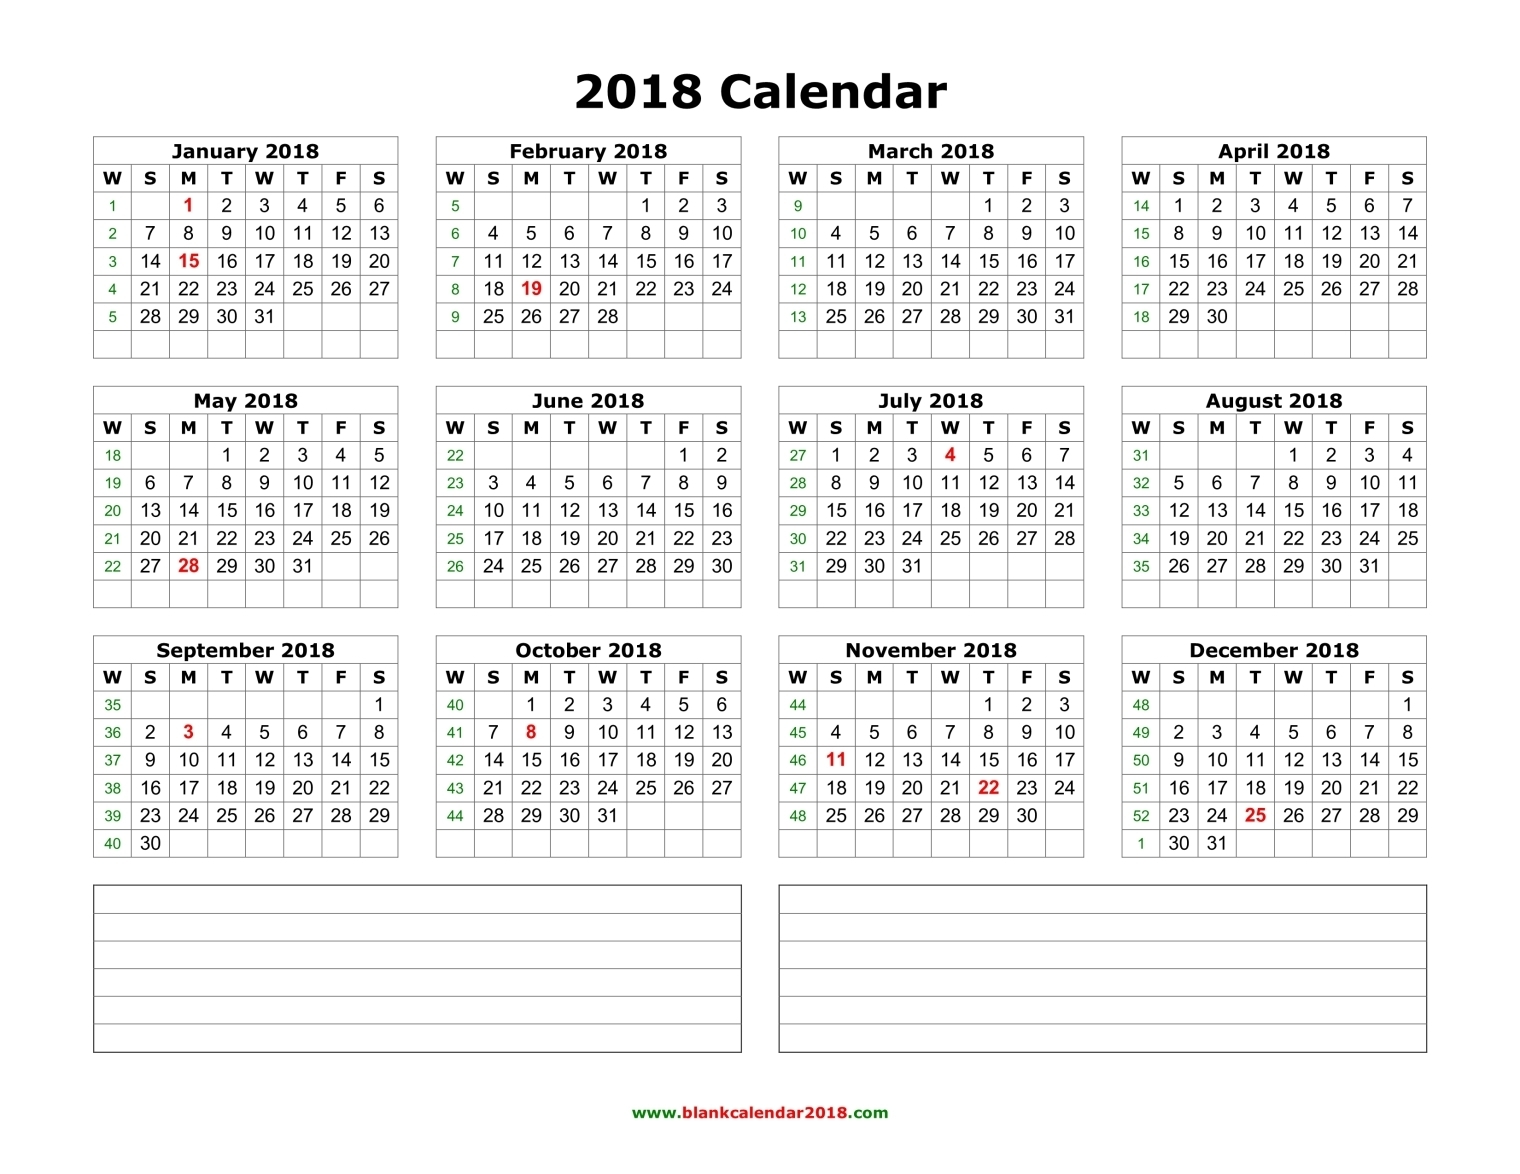 Blank Calendar 2018